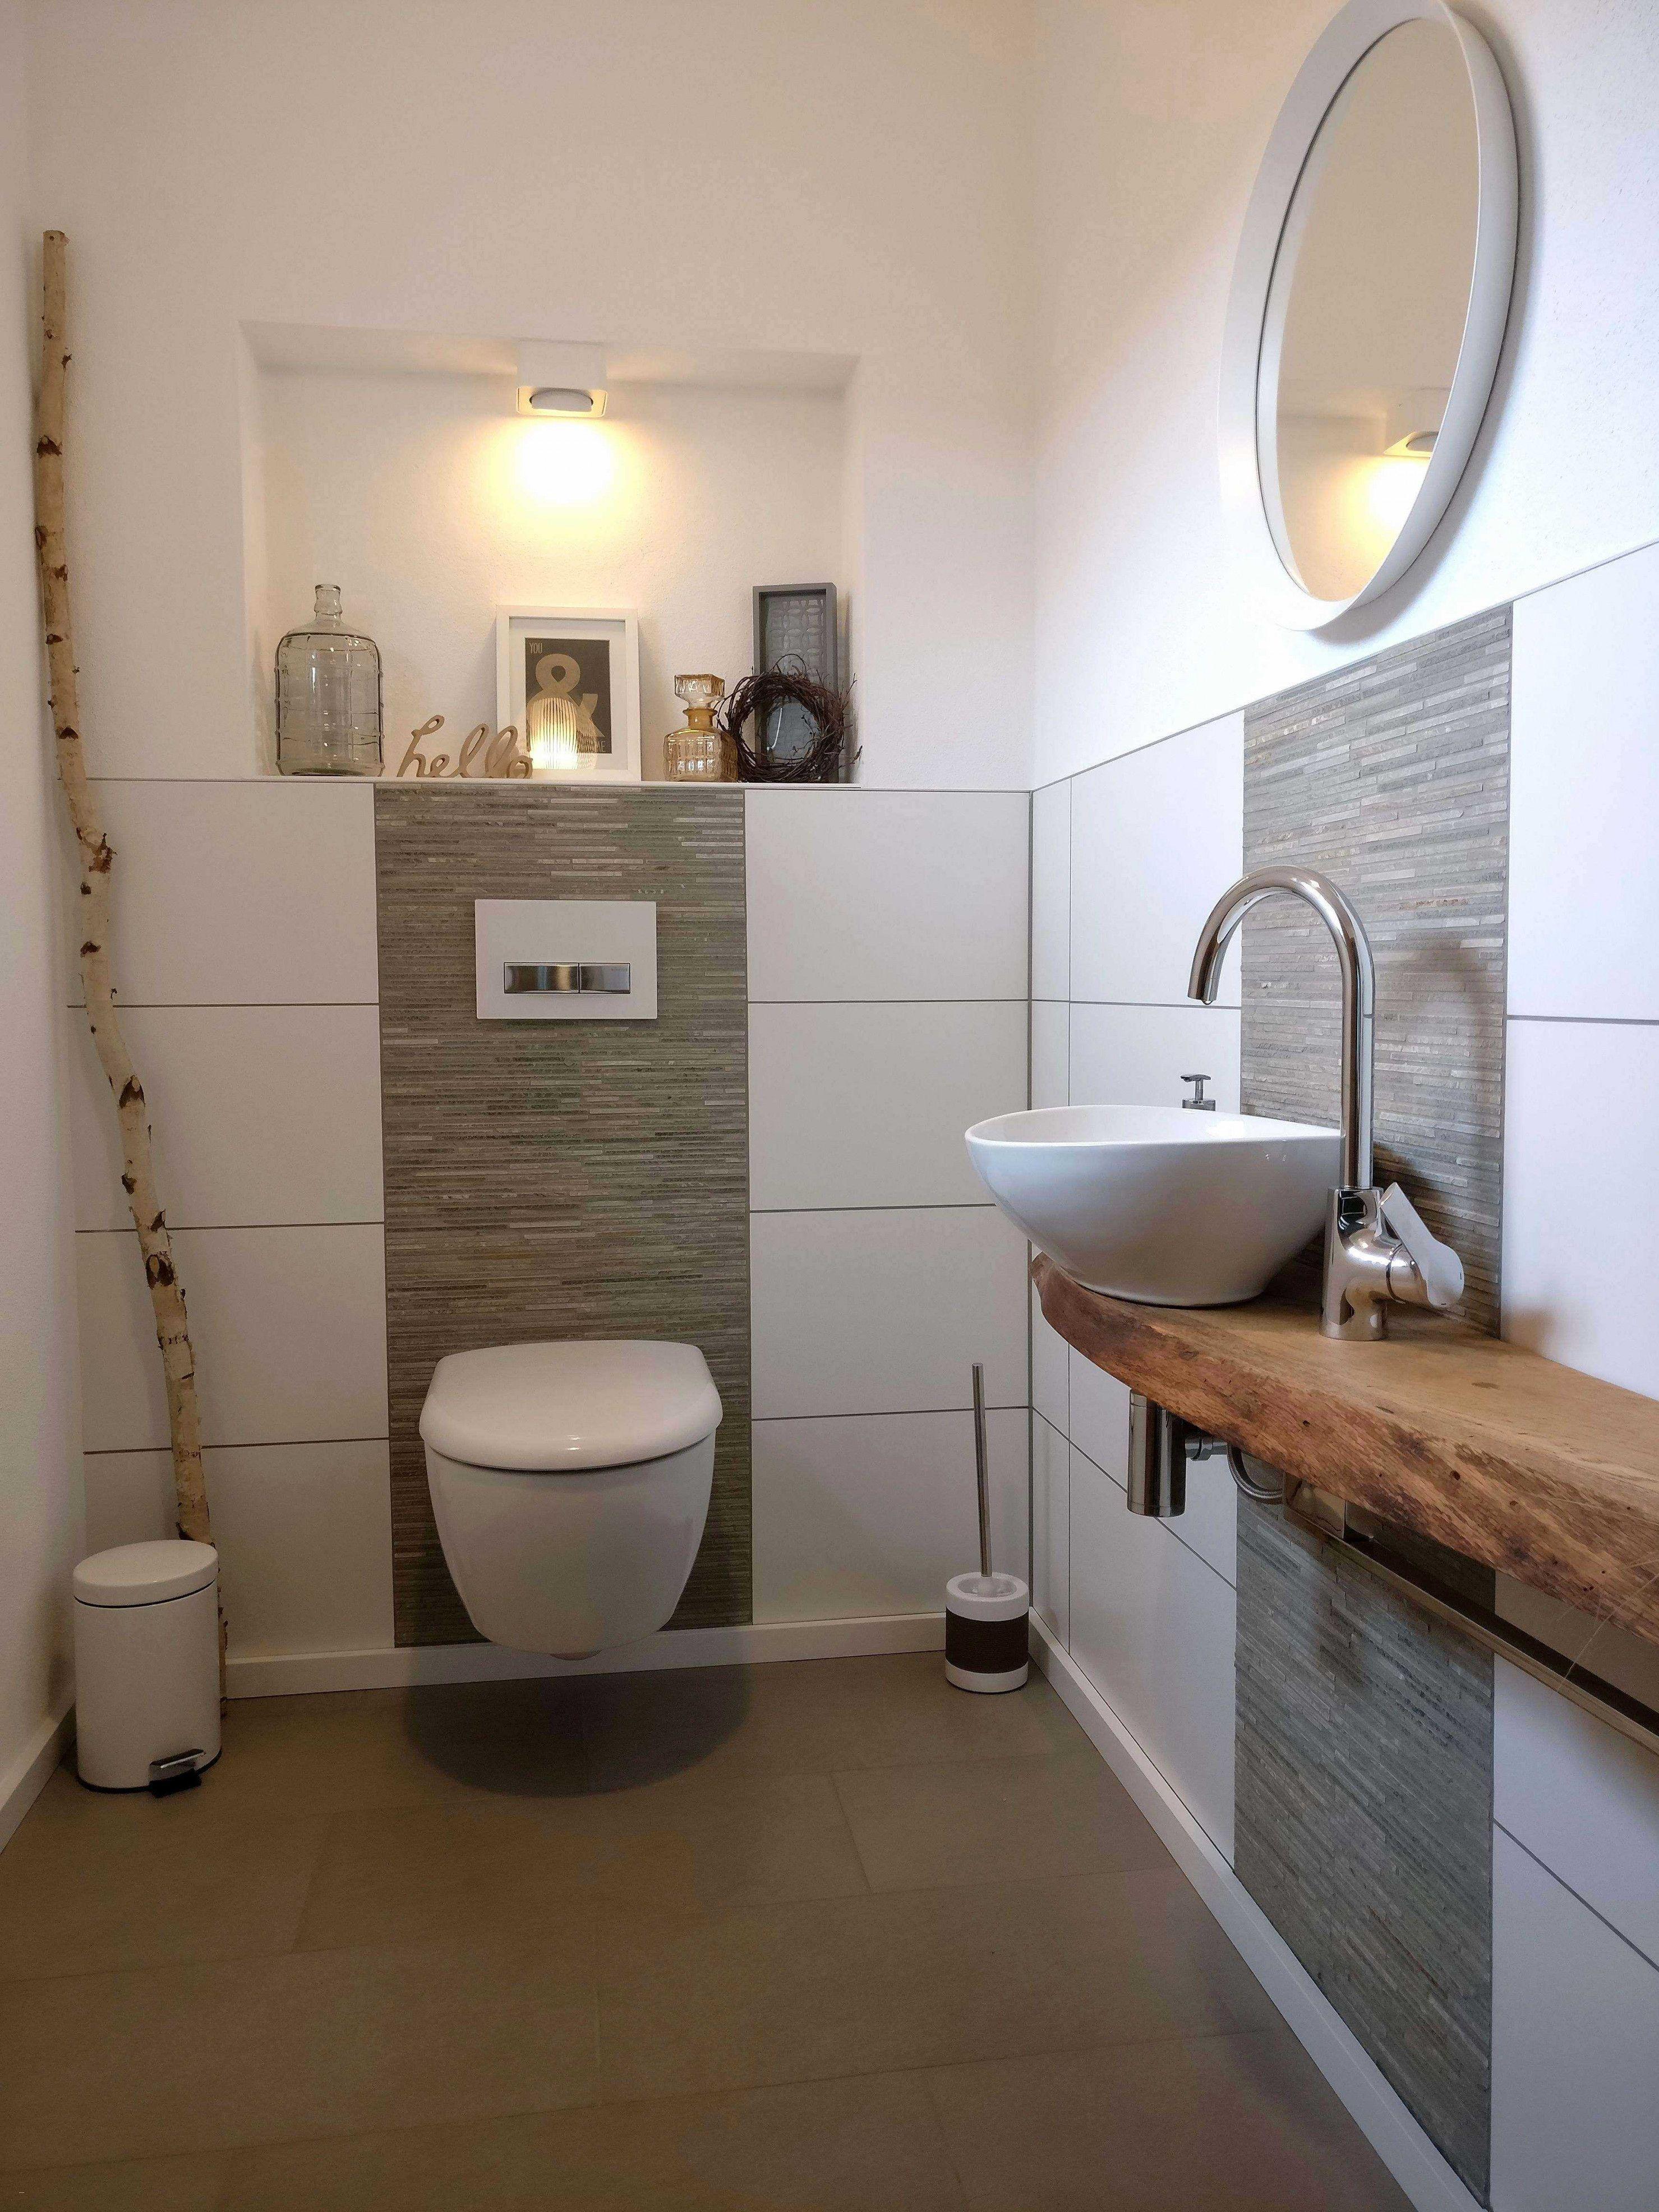 Photo of Beste Von Kleines Bad Fliesen Konzept Wohnzimmer Ideen von Kleine | Anbau Haus Wohnzimmer